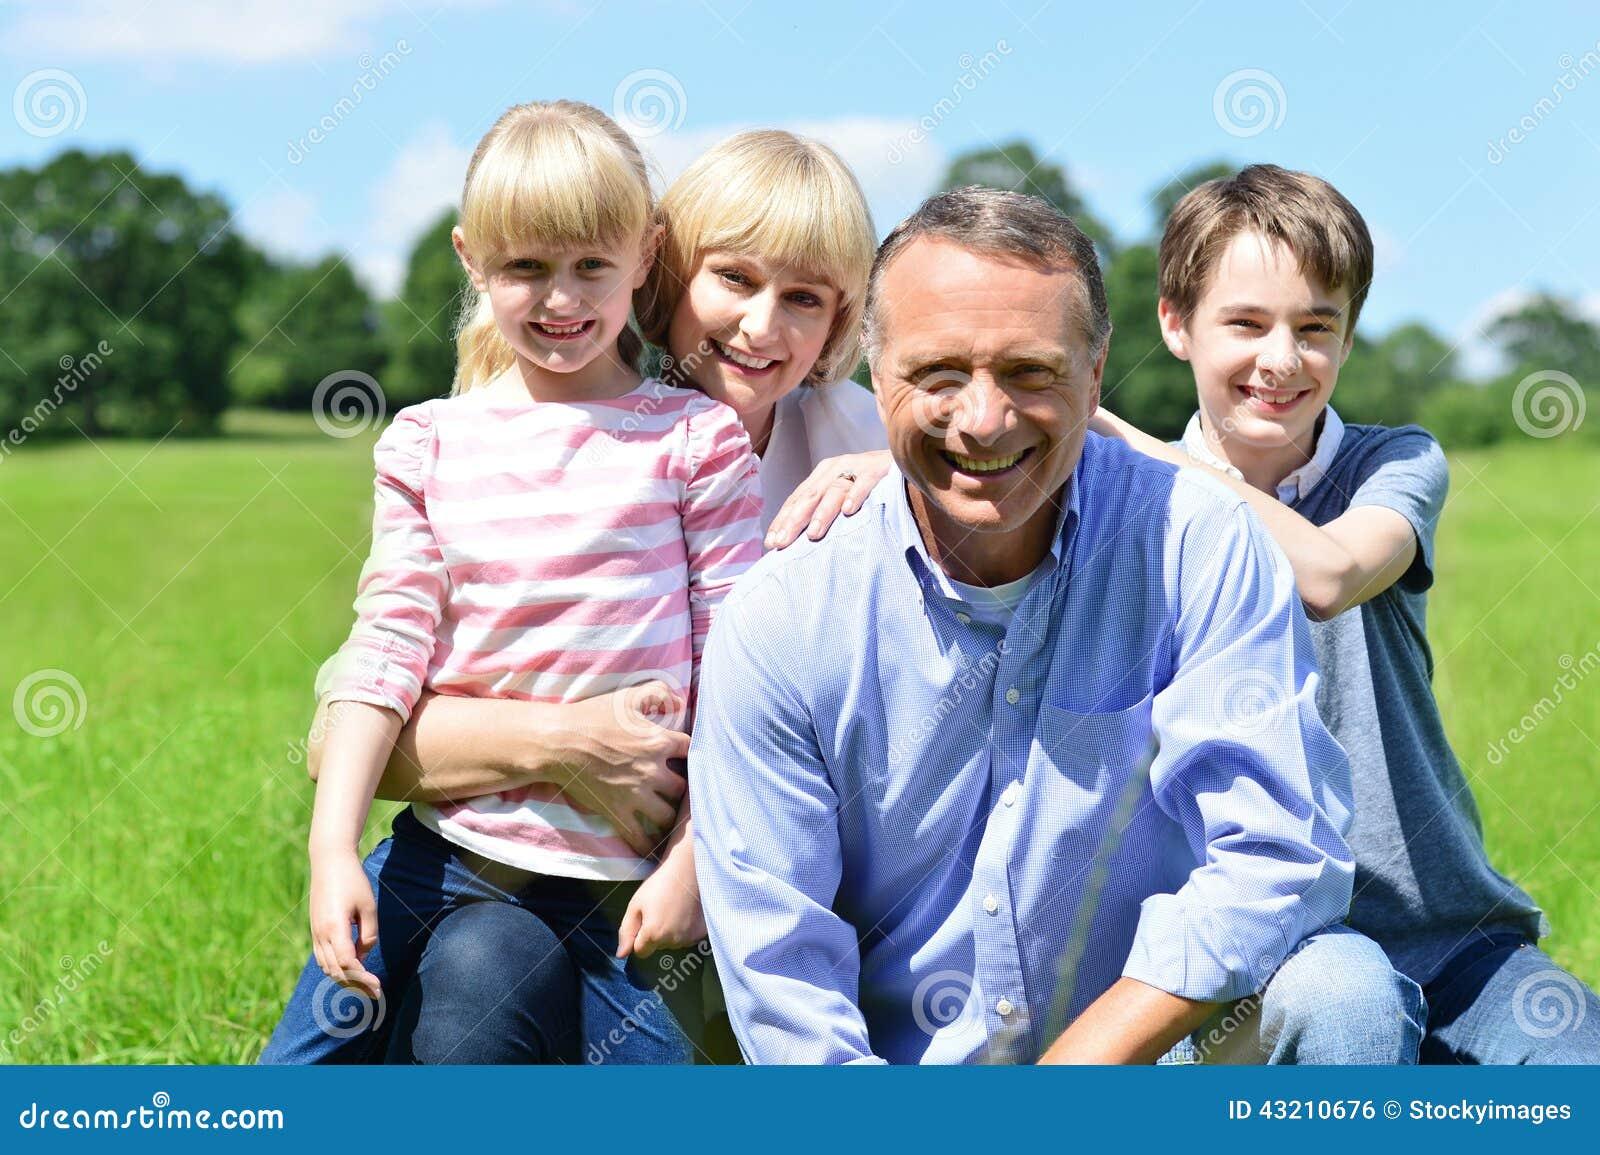 Família de quatro pessoas alegre em um dia ensolarado brilhante